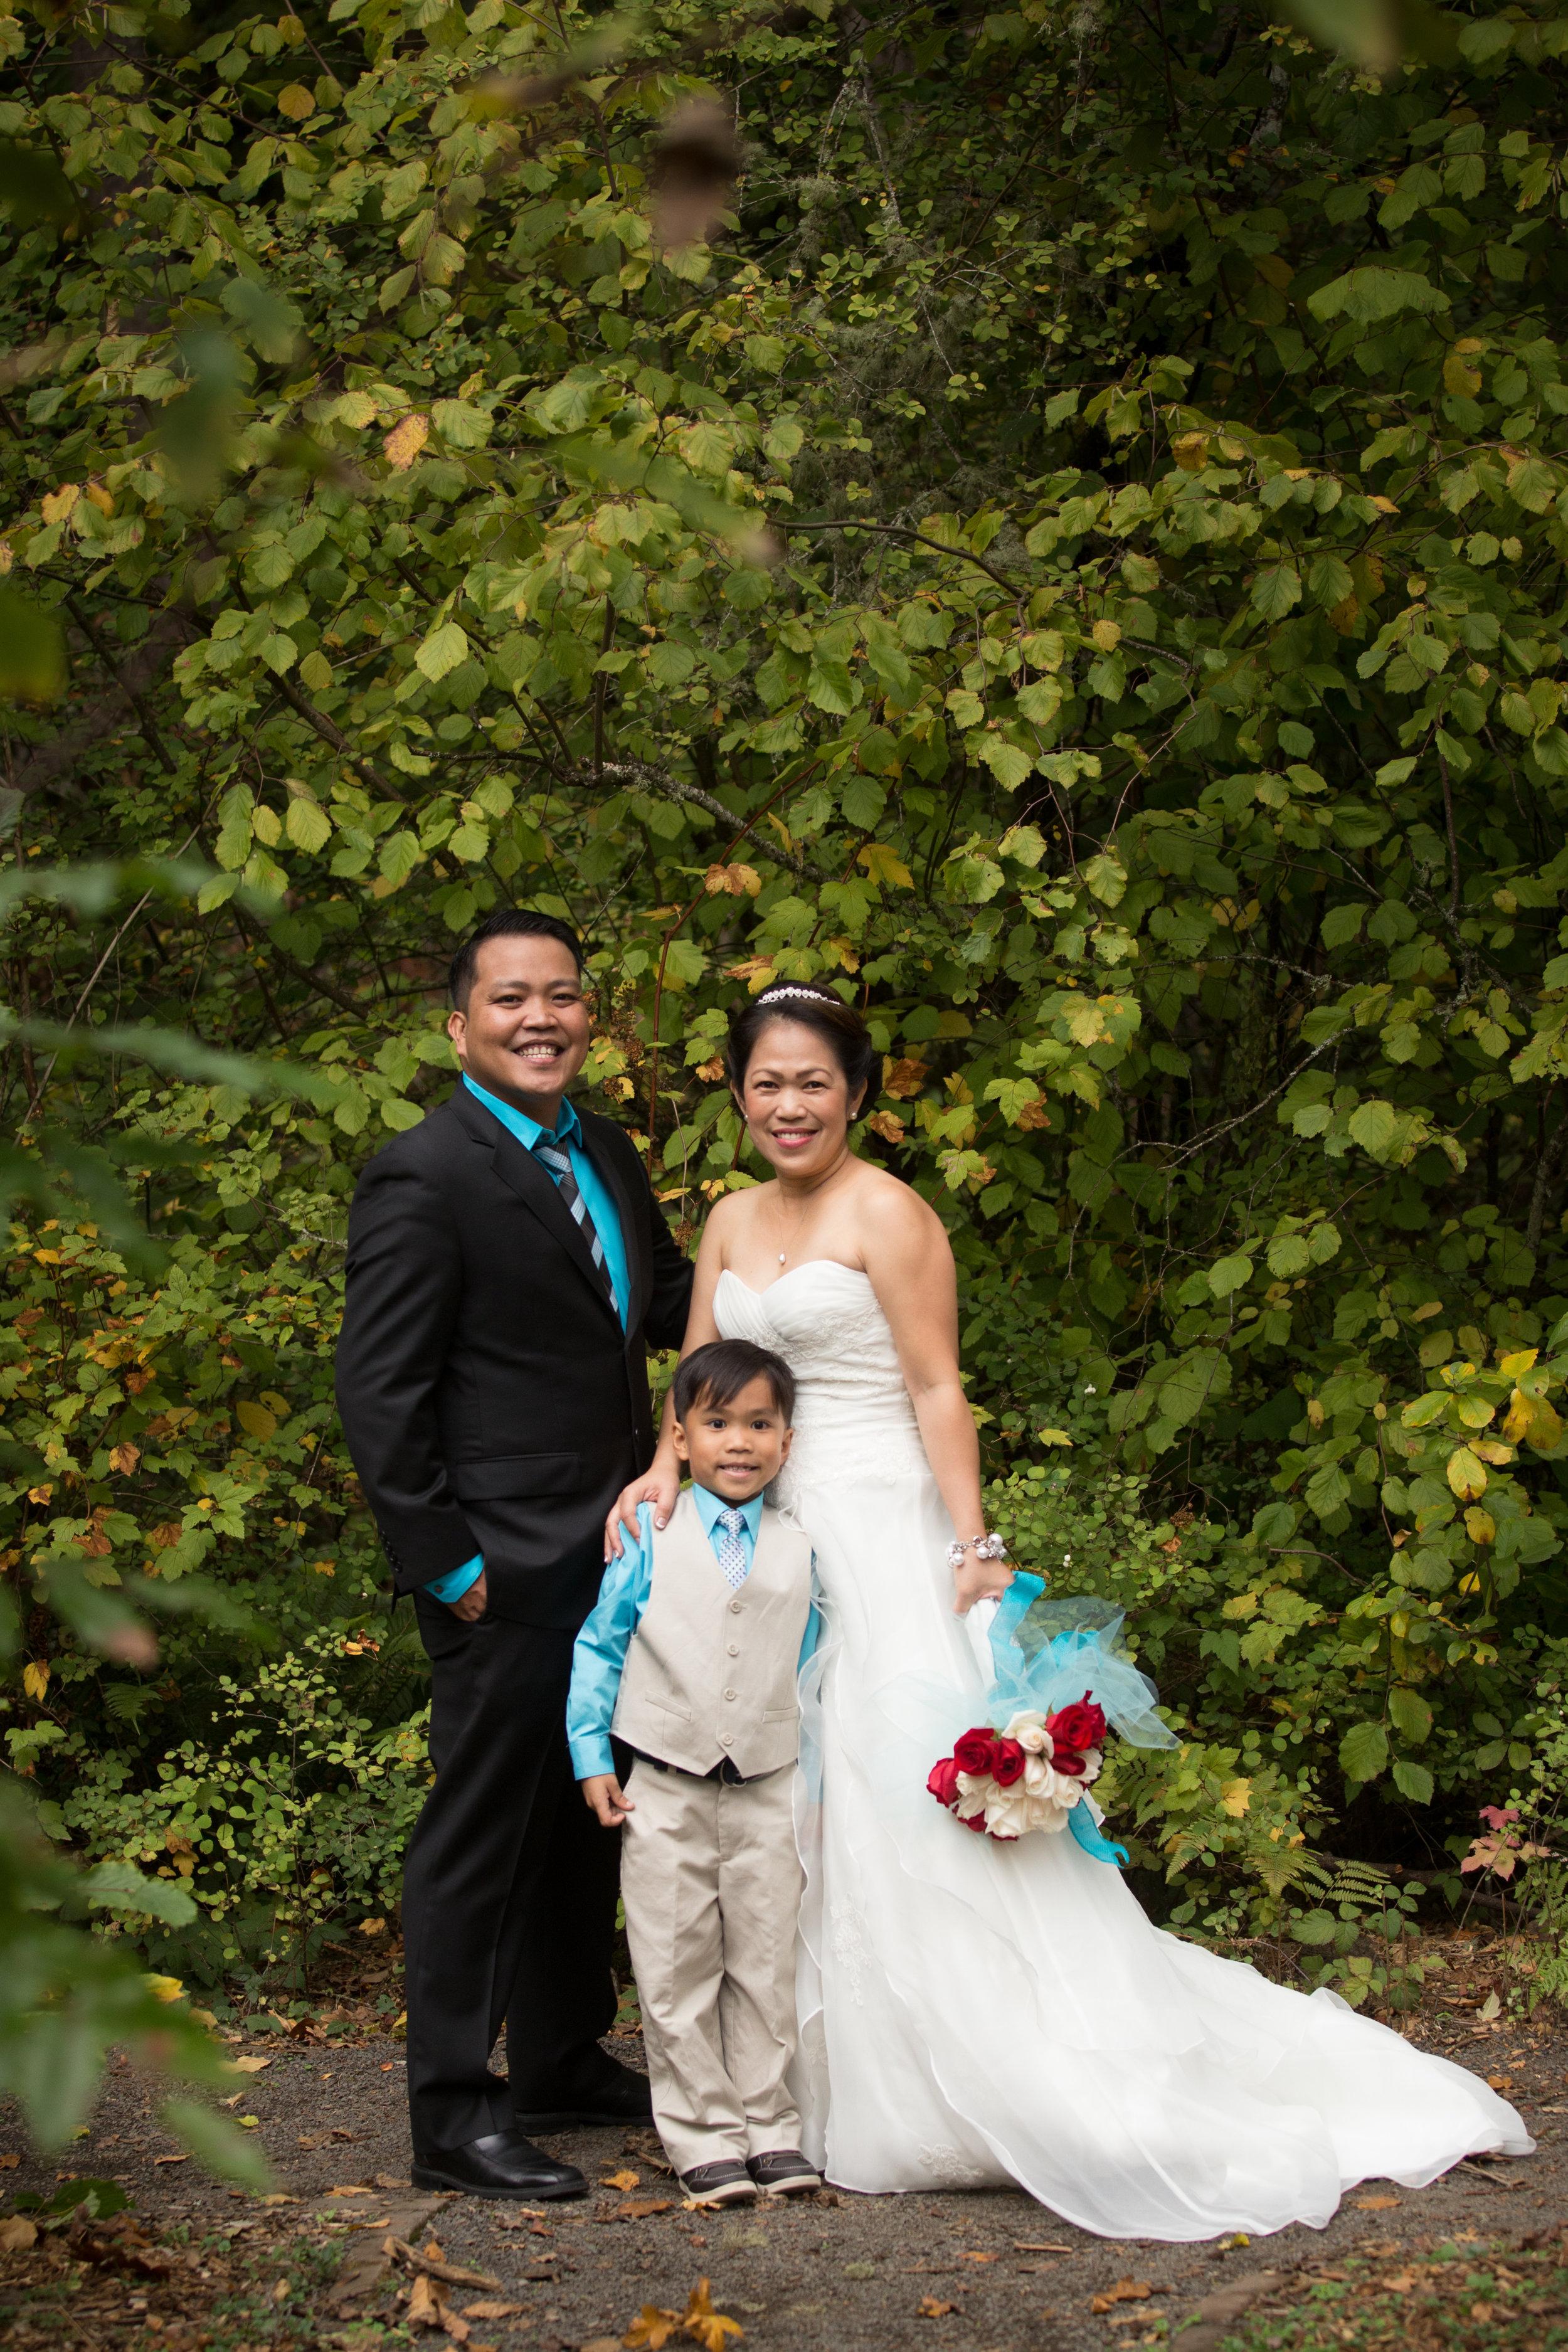 wedding_2015-10-17-57.jpg